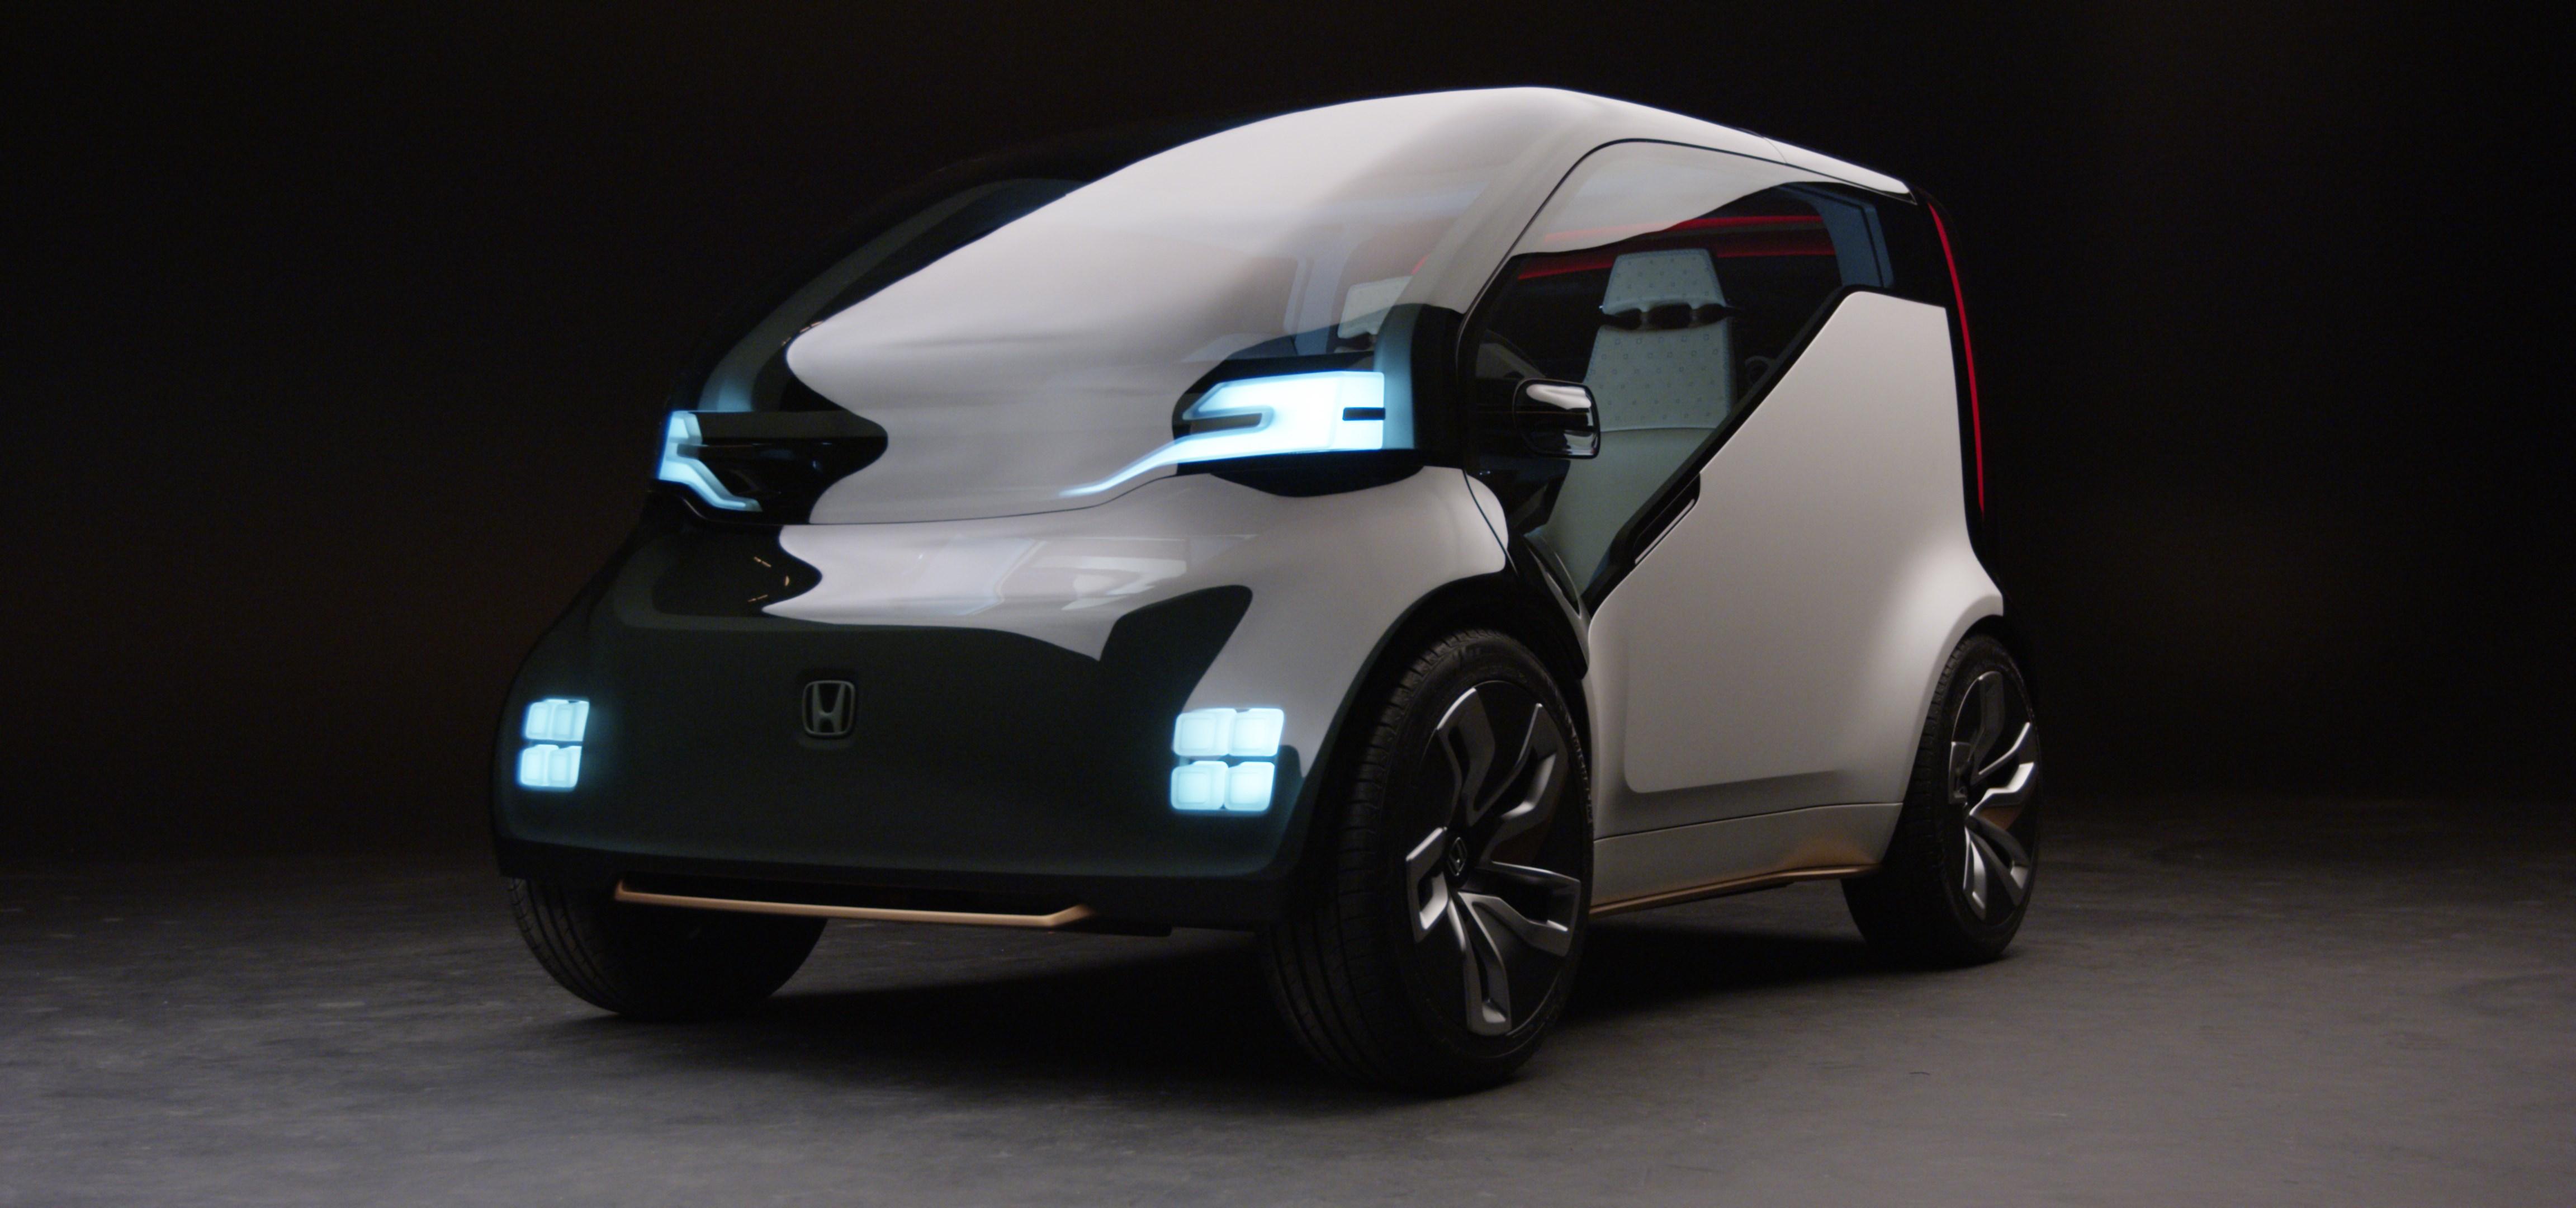 Honda NeuV EV concept car Geneva 2017